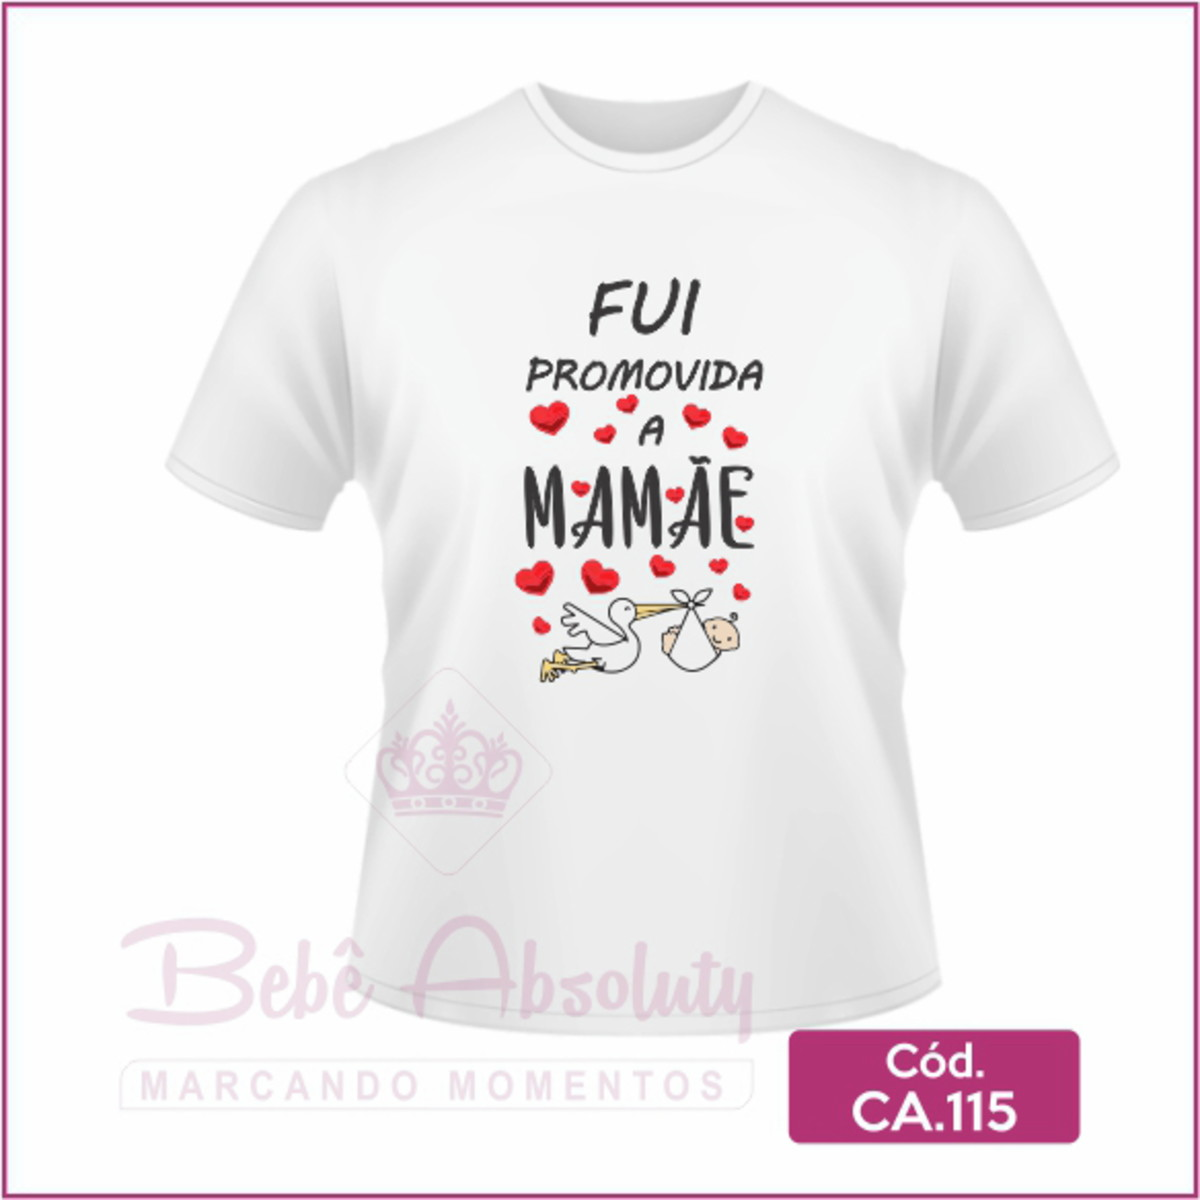 4dffd2f32efe Camiseta Fui Promovida a Mamãe no Elo7 | Body Bebê Absoluty (DCF3E5)